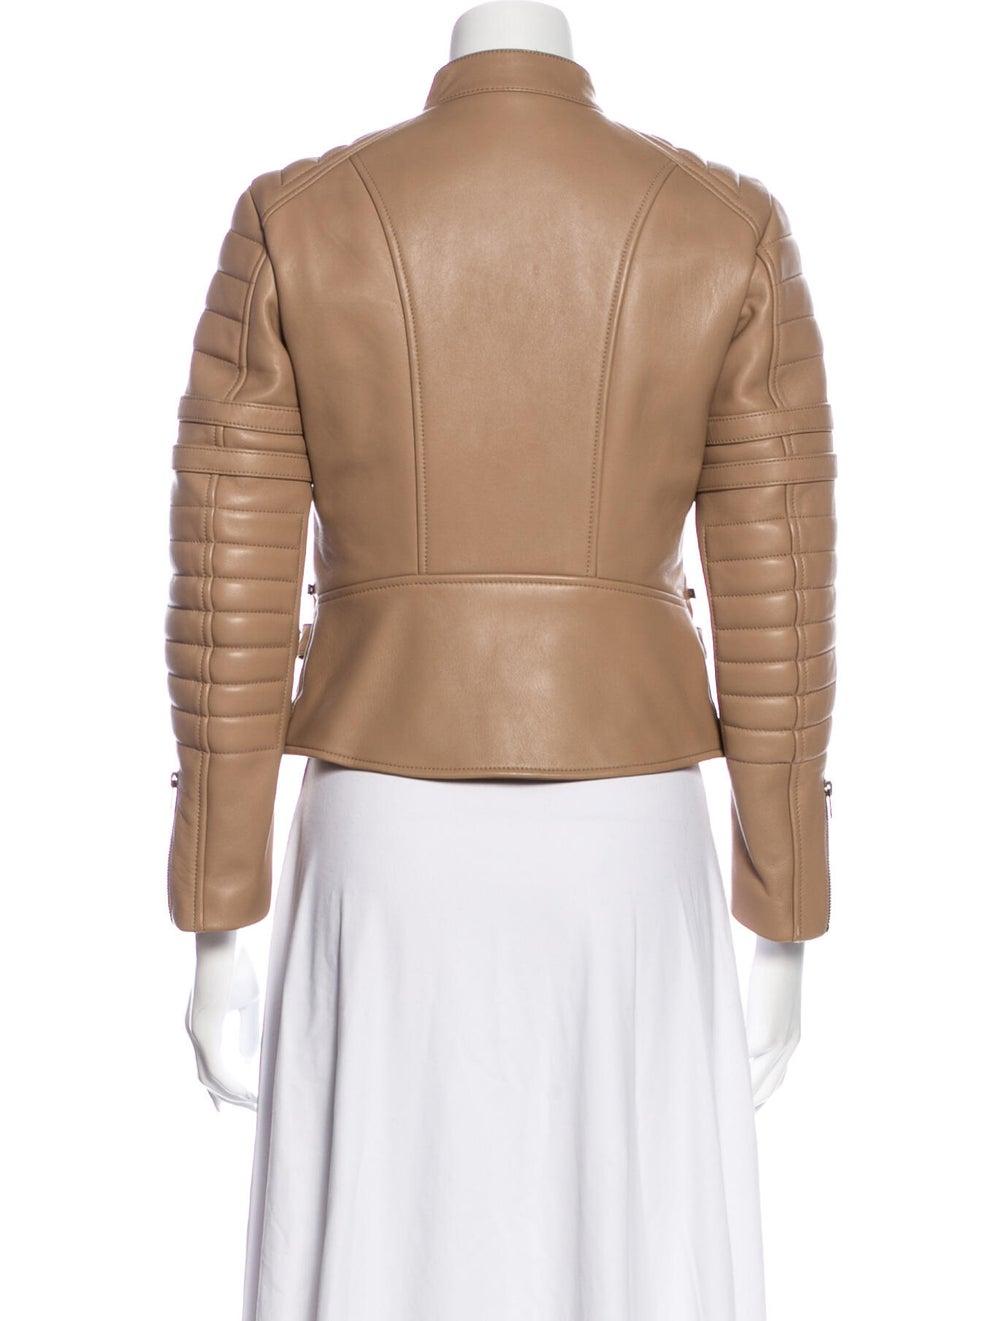 Celine Leather Biker Jacket - image 3